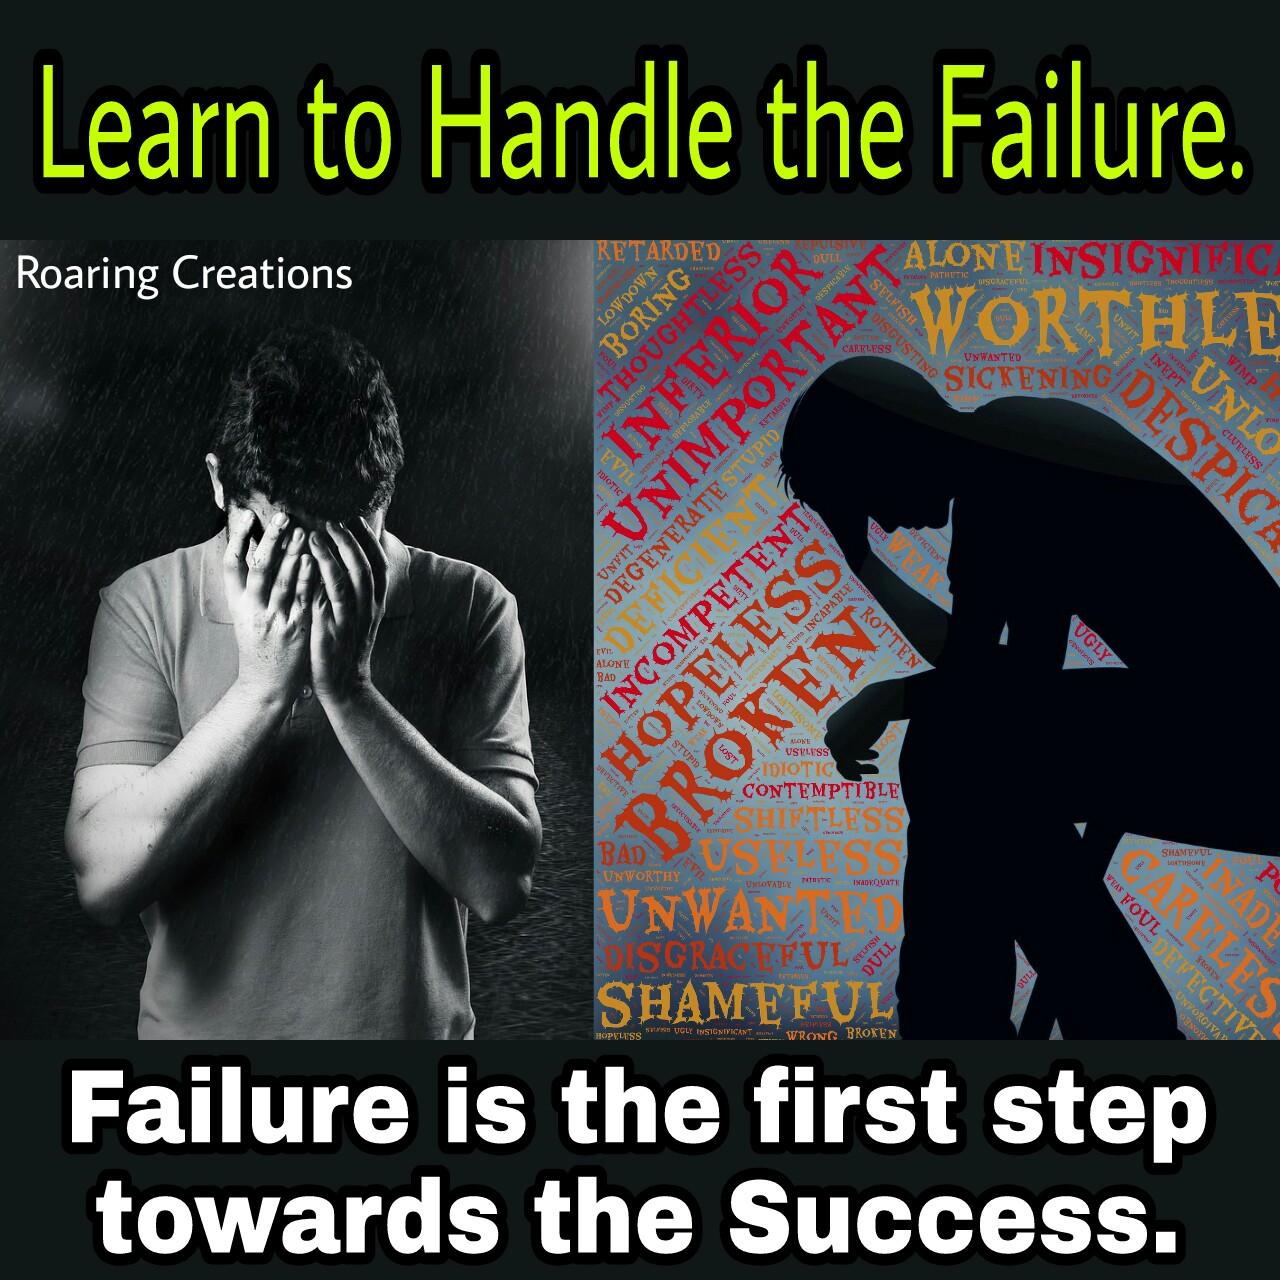 ಡಾ.ಎ.ಪಿ.ಜೆ.ಅಬ್ದುಲ್ ಕಲಾಮರ Top 10 Success ಸೂತ್ರಗಳು - Success Tips of APJ Abdul Kalam in Kannada